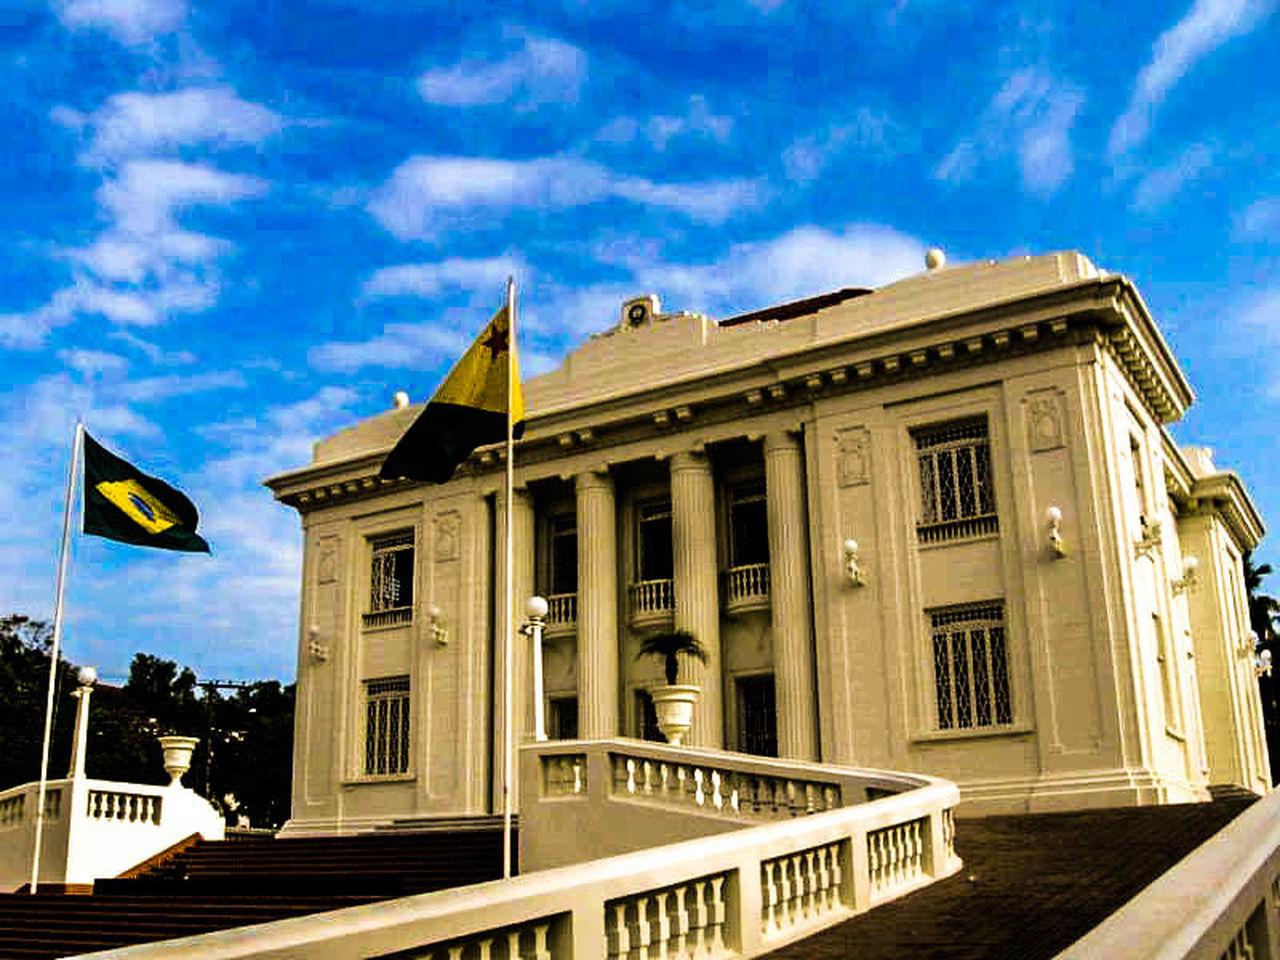 Palácio Rio Branco Acre Amazonia Bandeiras Brasil Escadas Governo Palacio Rio Branco